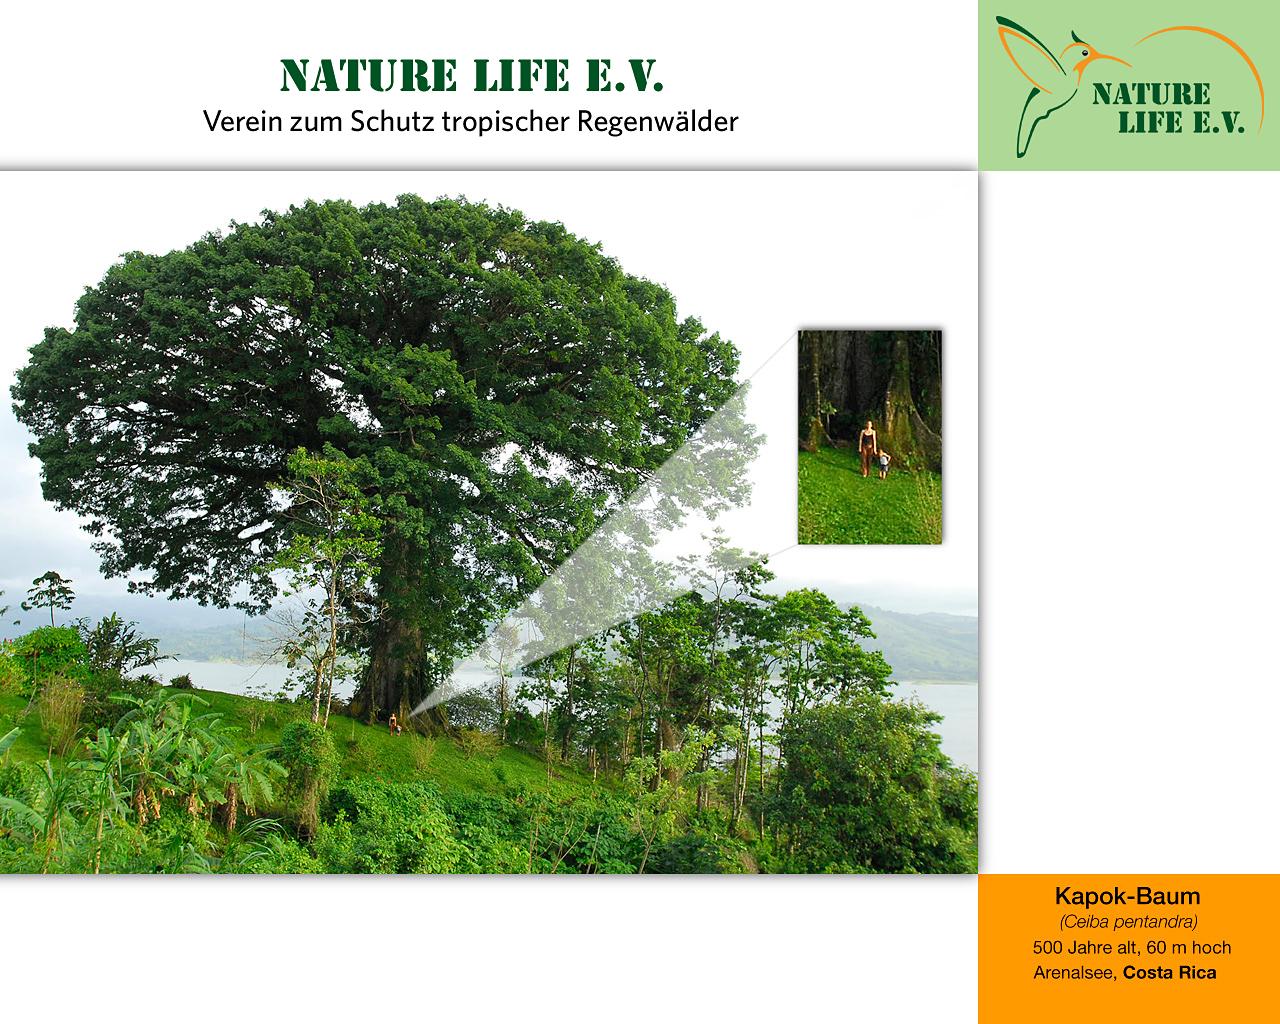 Kapok-Baum (Ceiba pentandra) 1280 x 1024